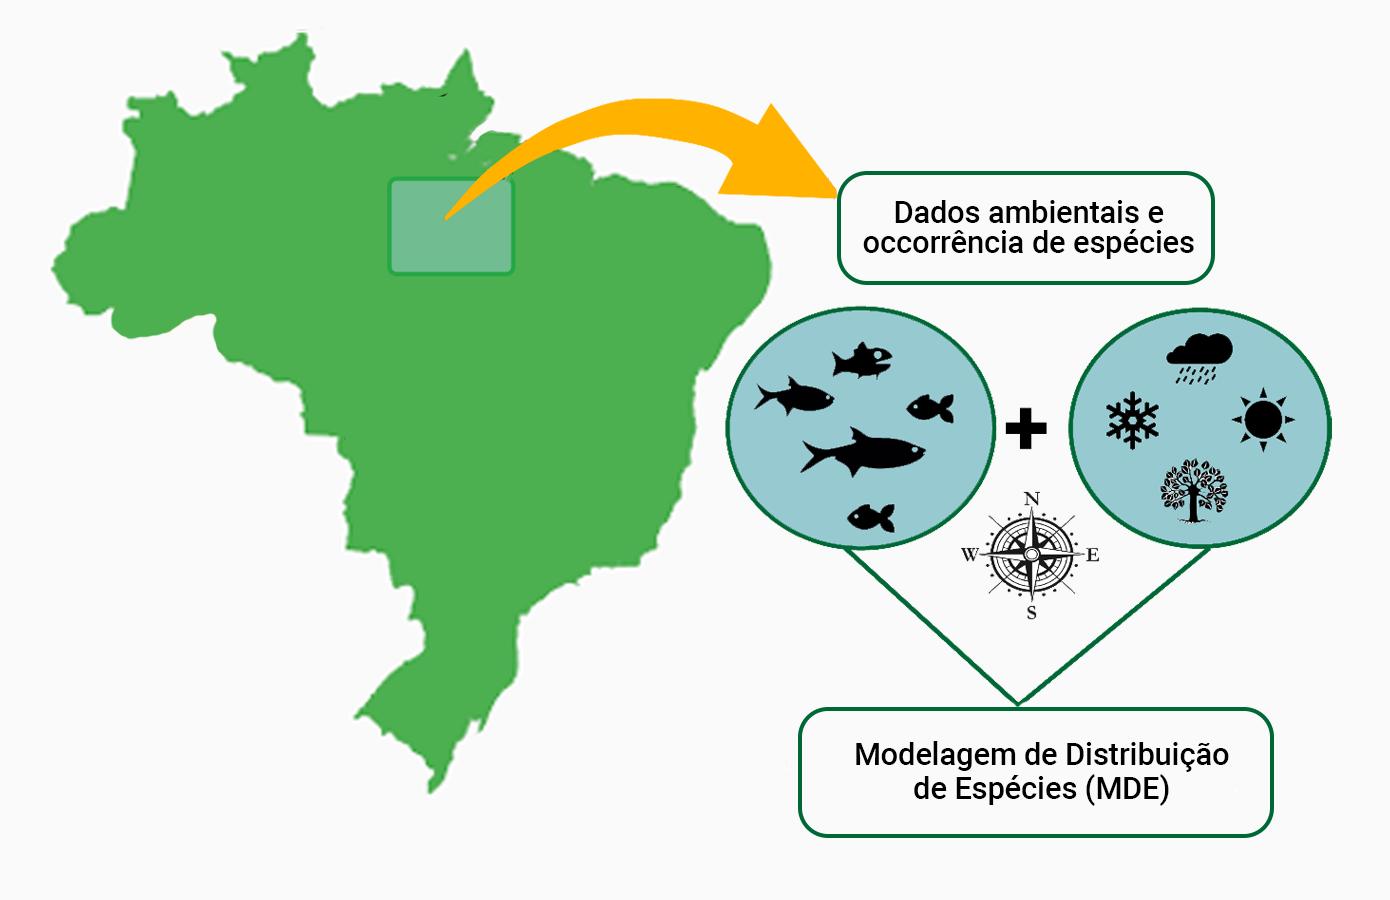 Registros de ocorrência de espécies e modelo de distribuição (rótulos em português)